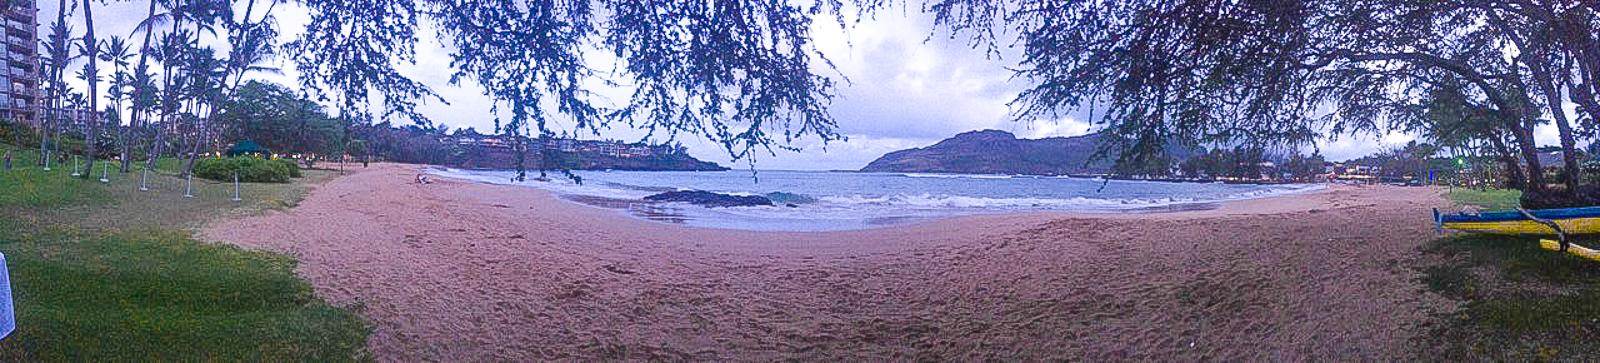 HawaiiPhone-11